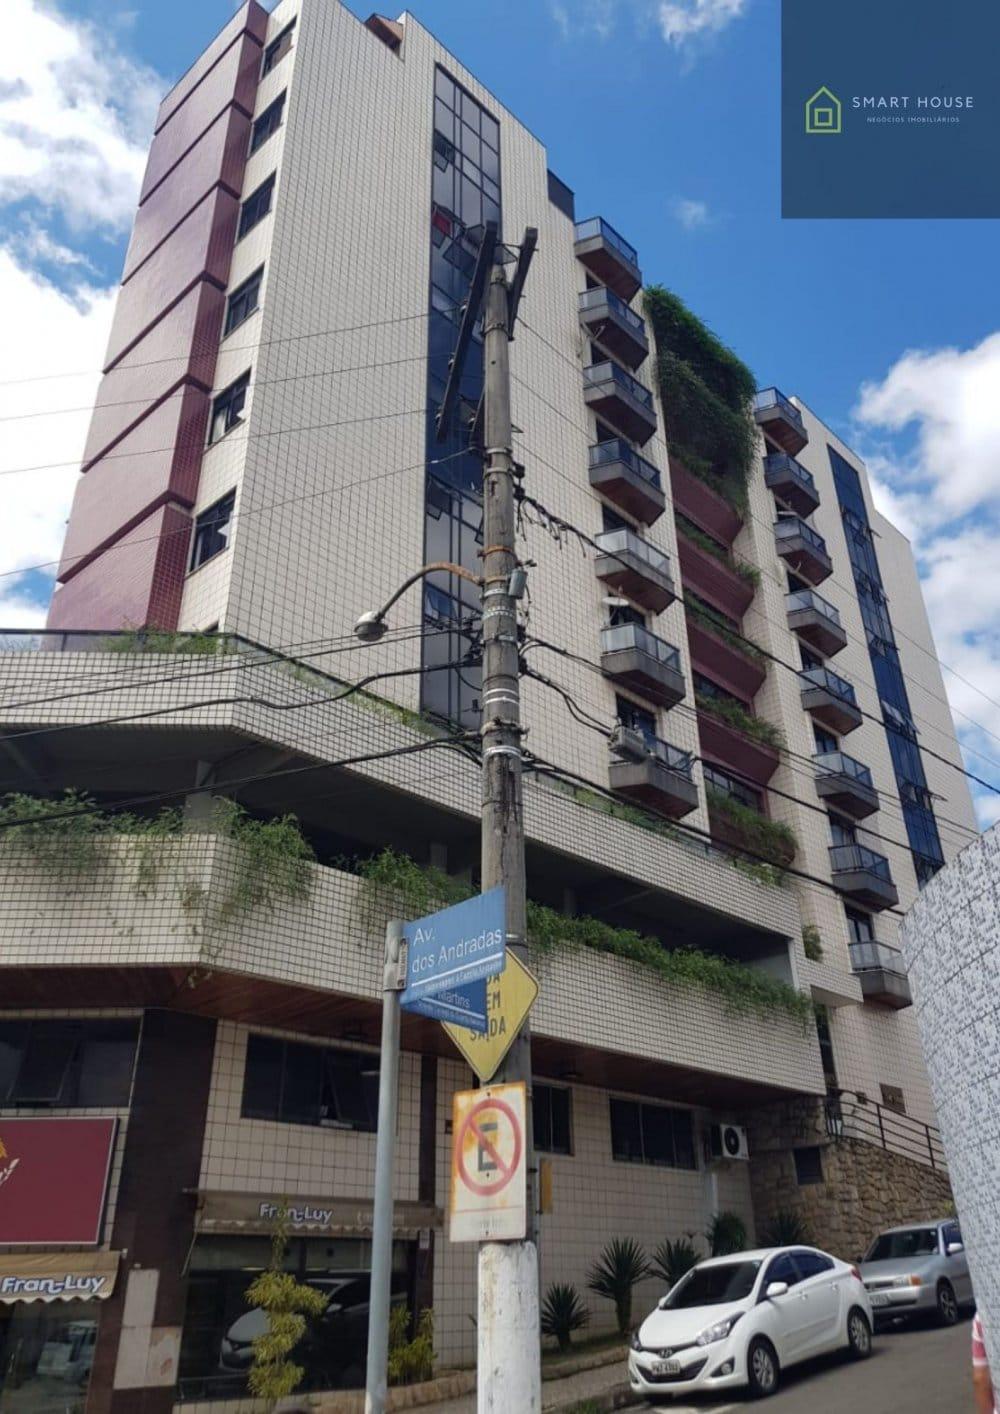 https://static.arboimoveis.com.br/AP0052_SH/apartamento-para-comprar-centro-juiz-de-fora1629403838919klegm.jpg